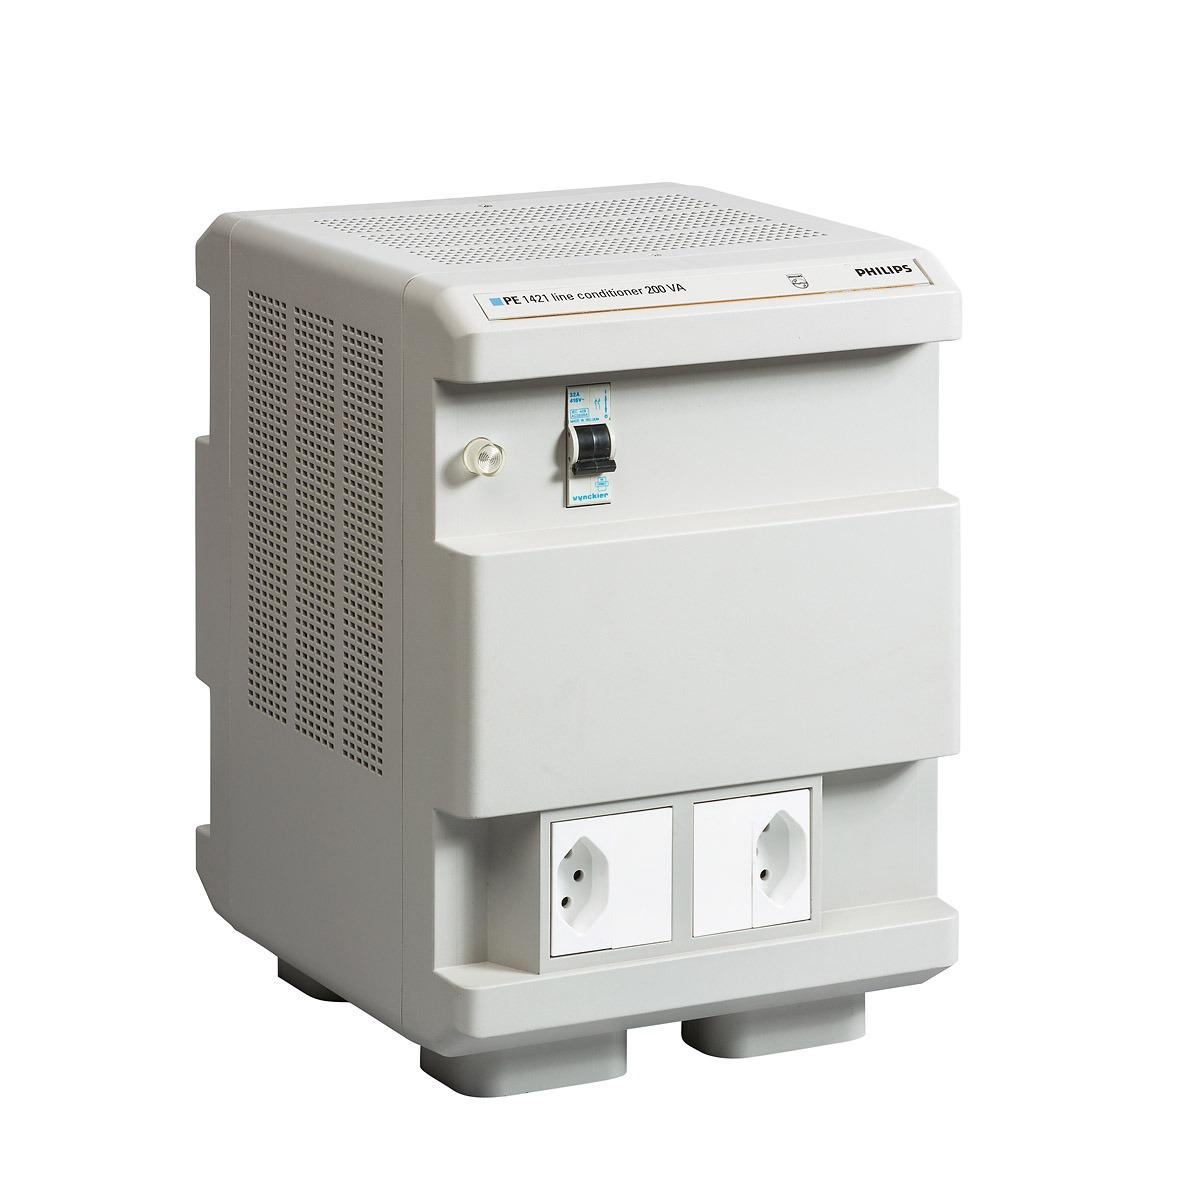 9415 014 13201 (PE1413/20) - Line Conditioner 220V/220V-850VA